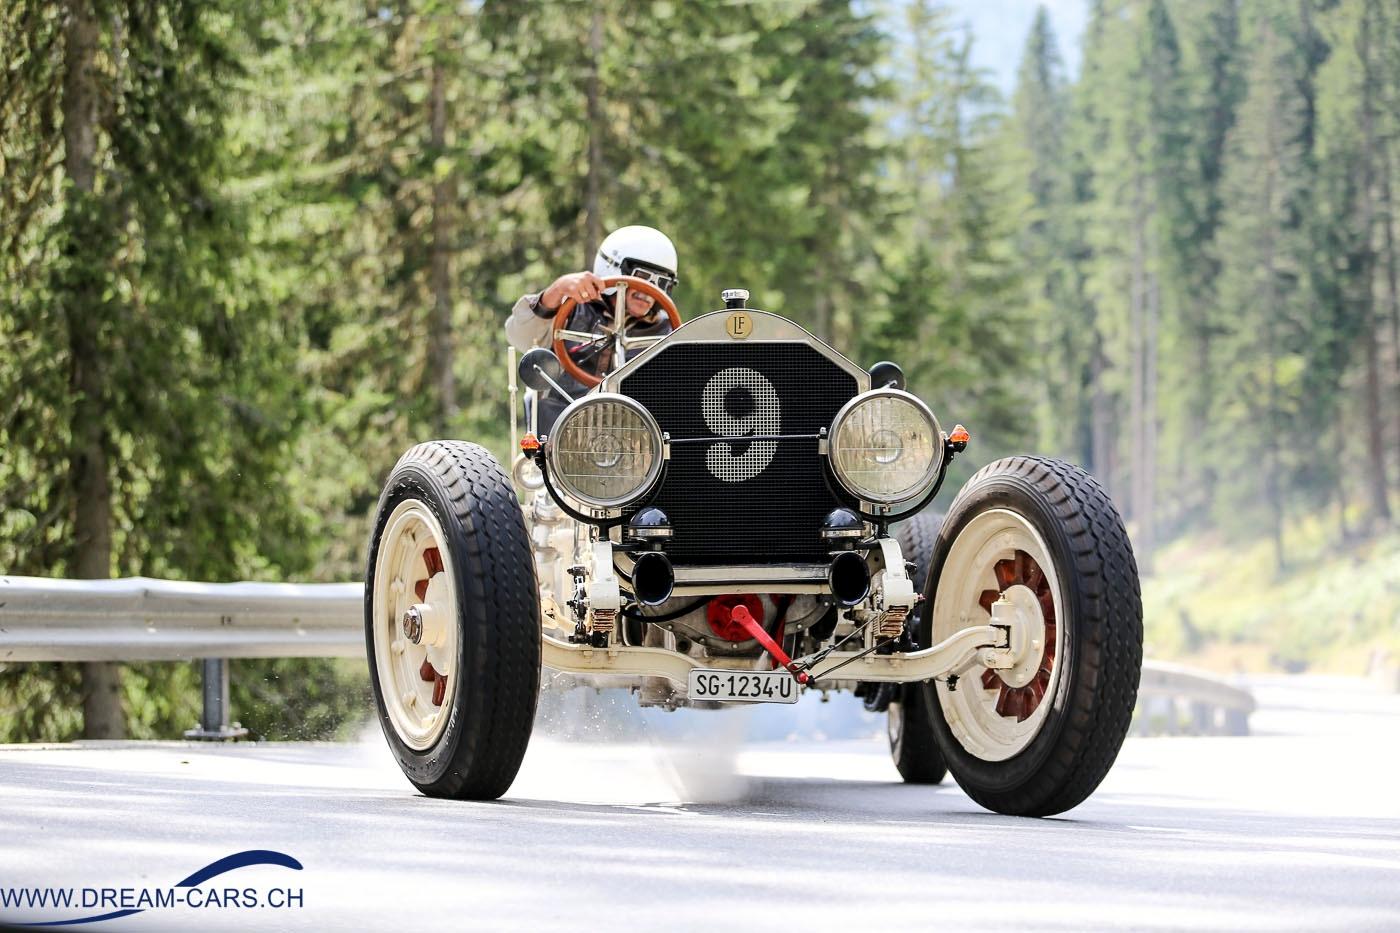 Arosa ClassicCar 2016. Der riesige American La France von Ruedi Schawalder dampft gehörig.